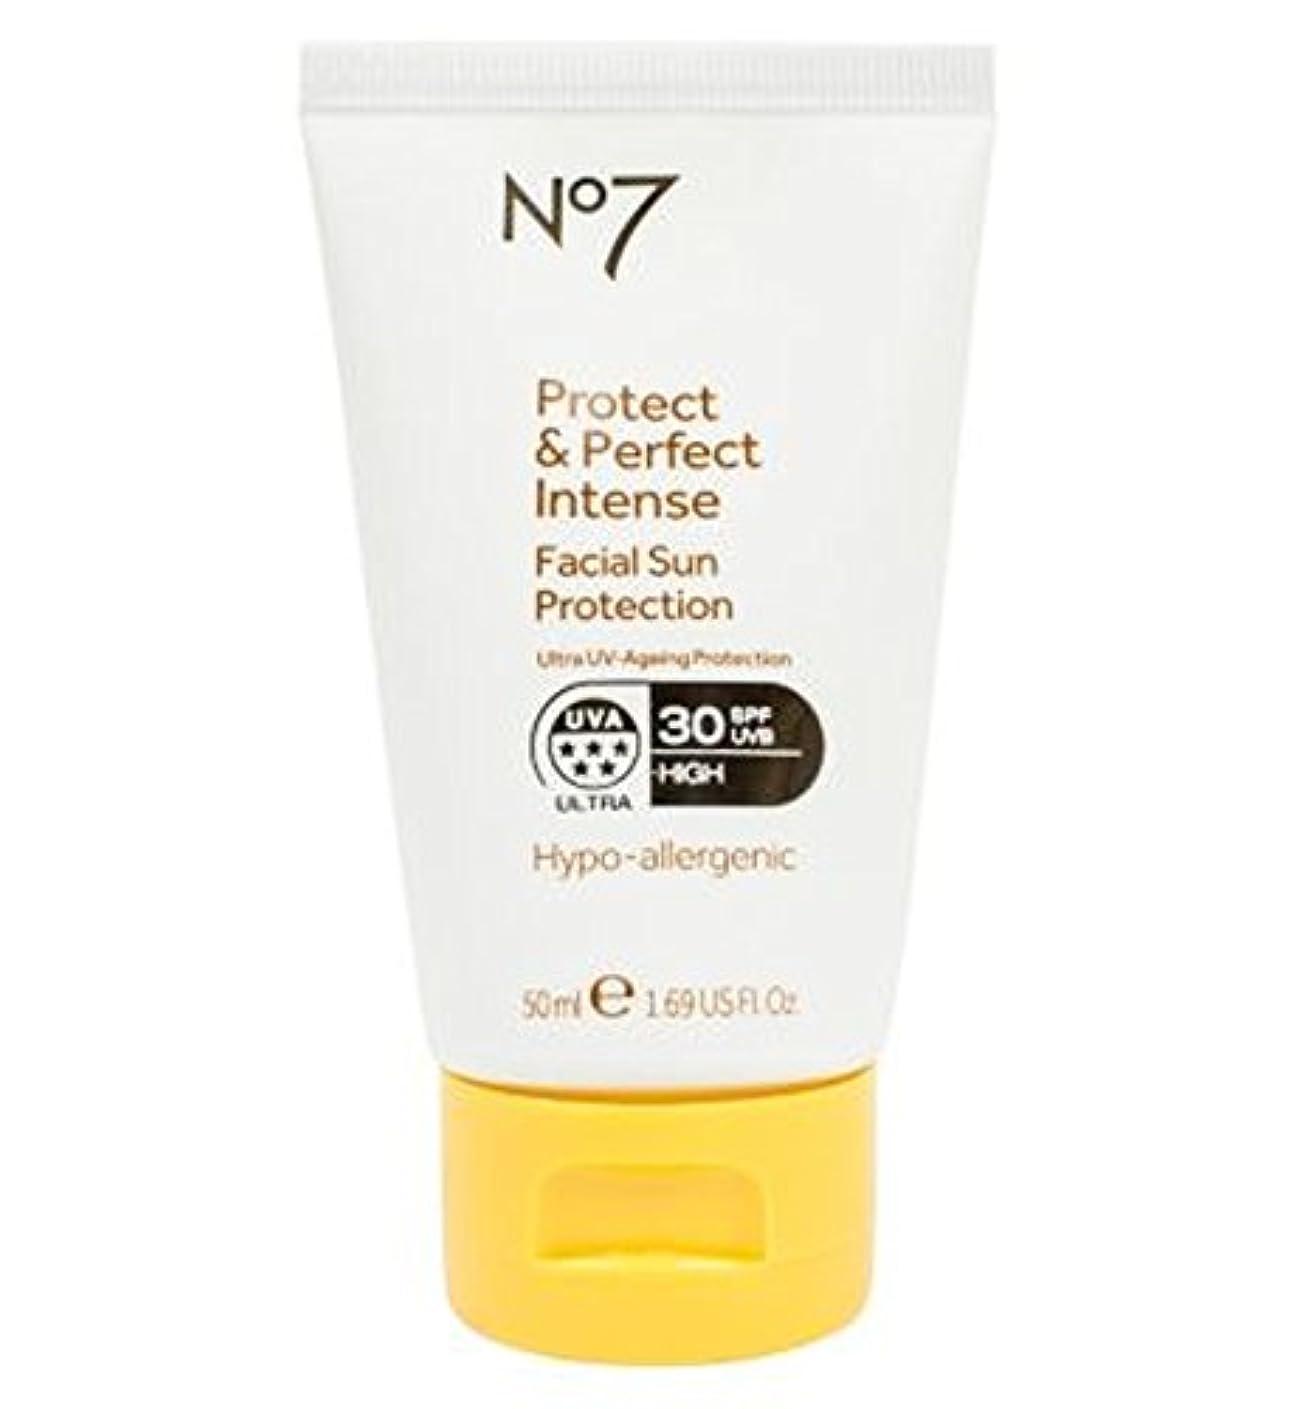 しばしば花に水をやるゴージャスNo7保護&完璧な強烈な顔の日焼け防止Spf 30 50ミリリットル (No7) (x2) - No7 Protect & Perfect Intense Facial Sun Protection SPF 30 50ml...